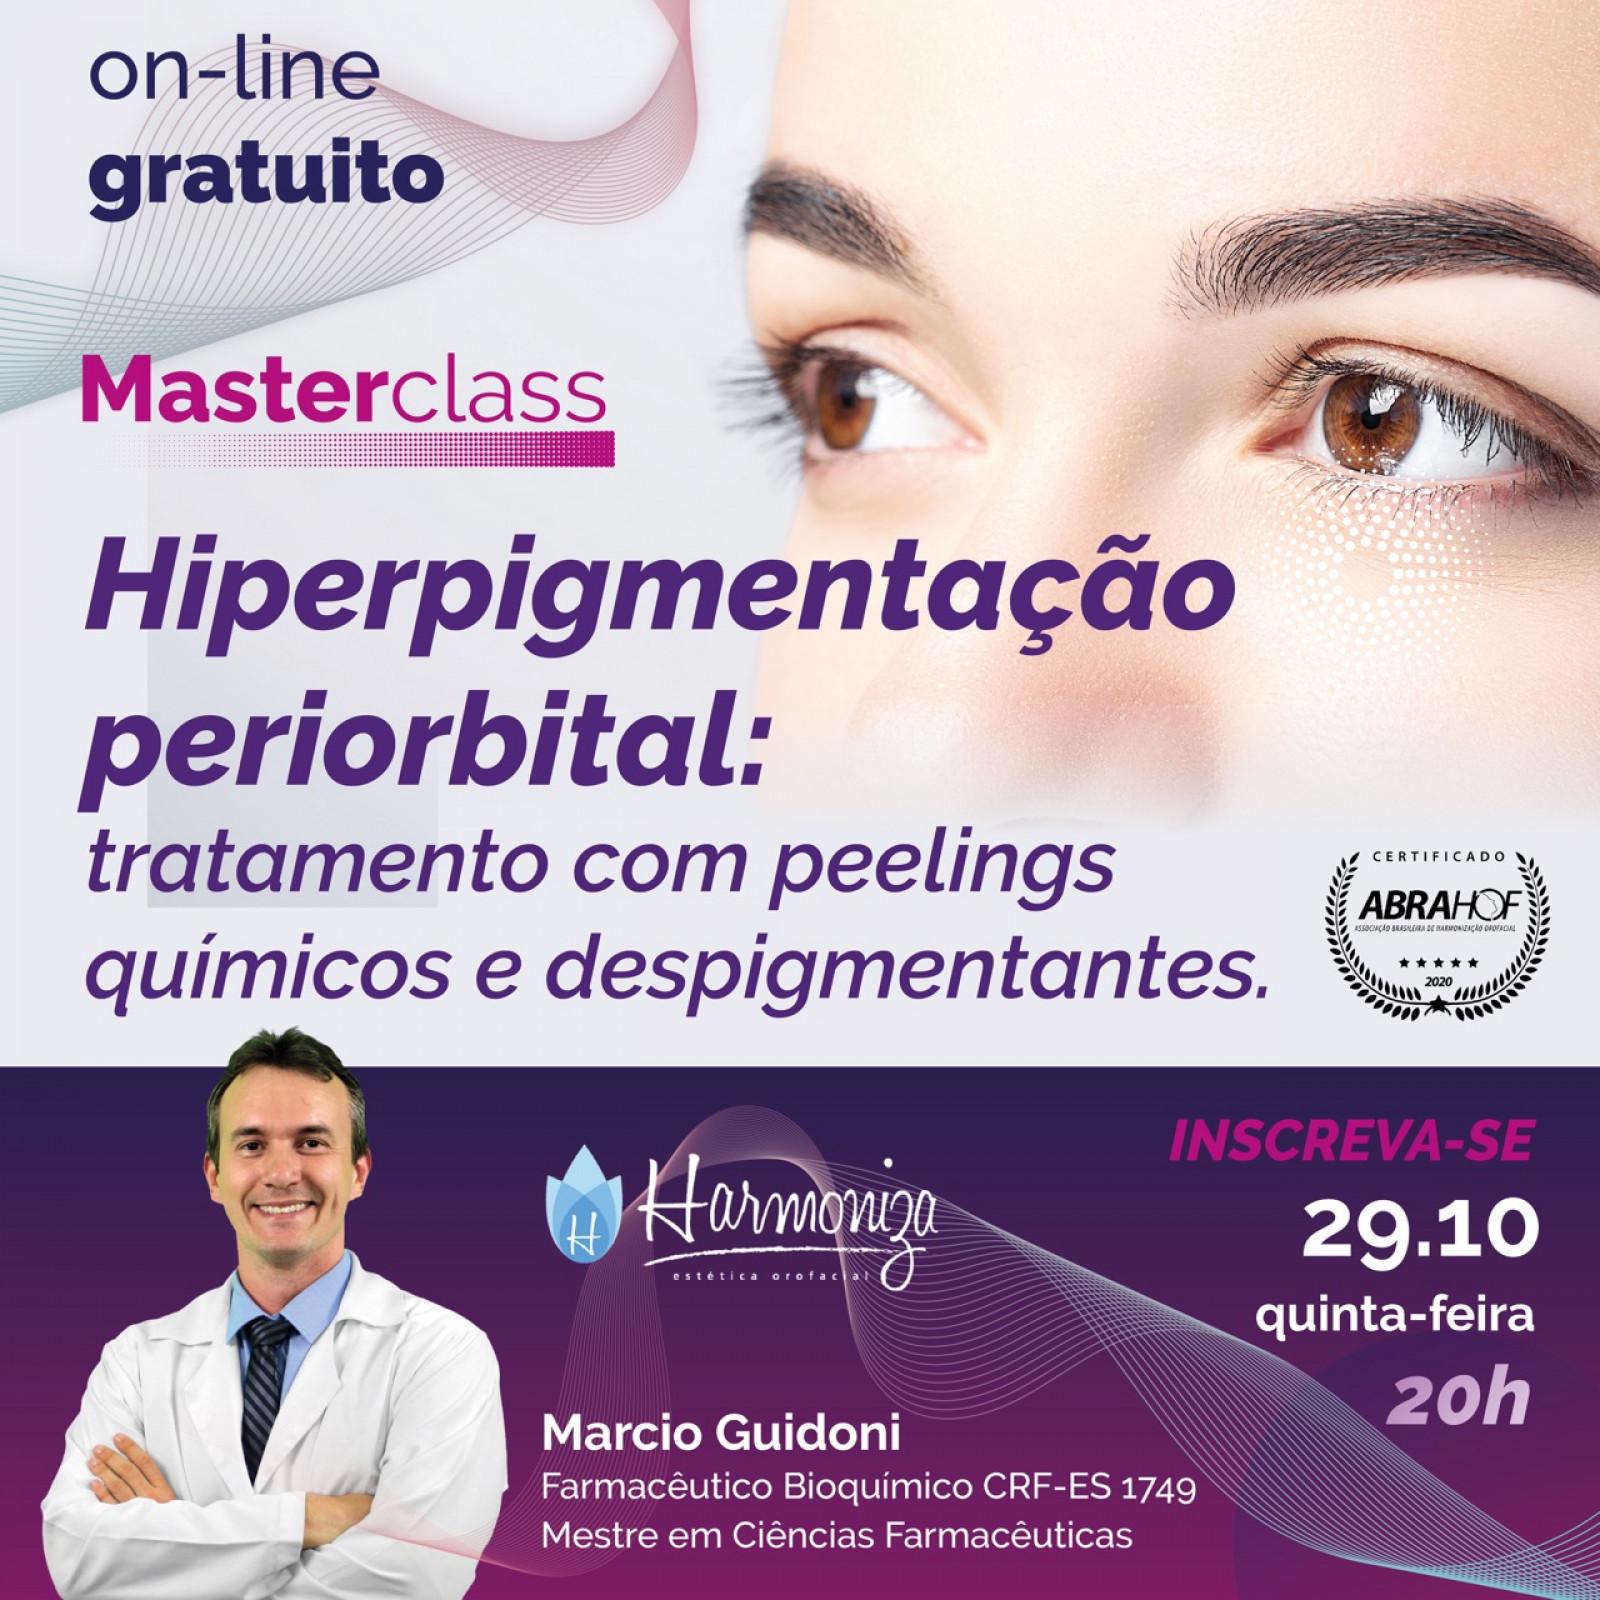 MasterClass Hiperpigmentação periorbital: tratamento com peelings quimicos e despigmentantes.